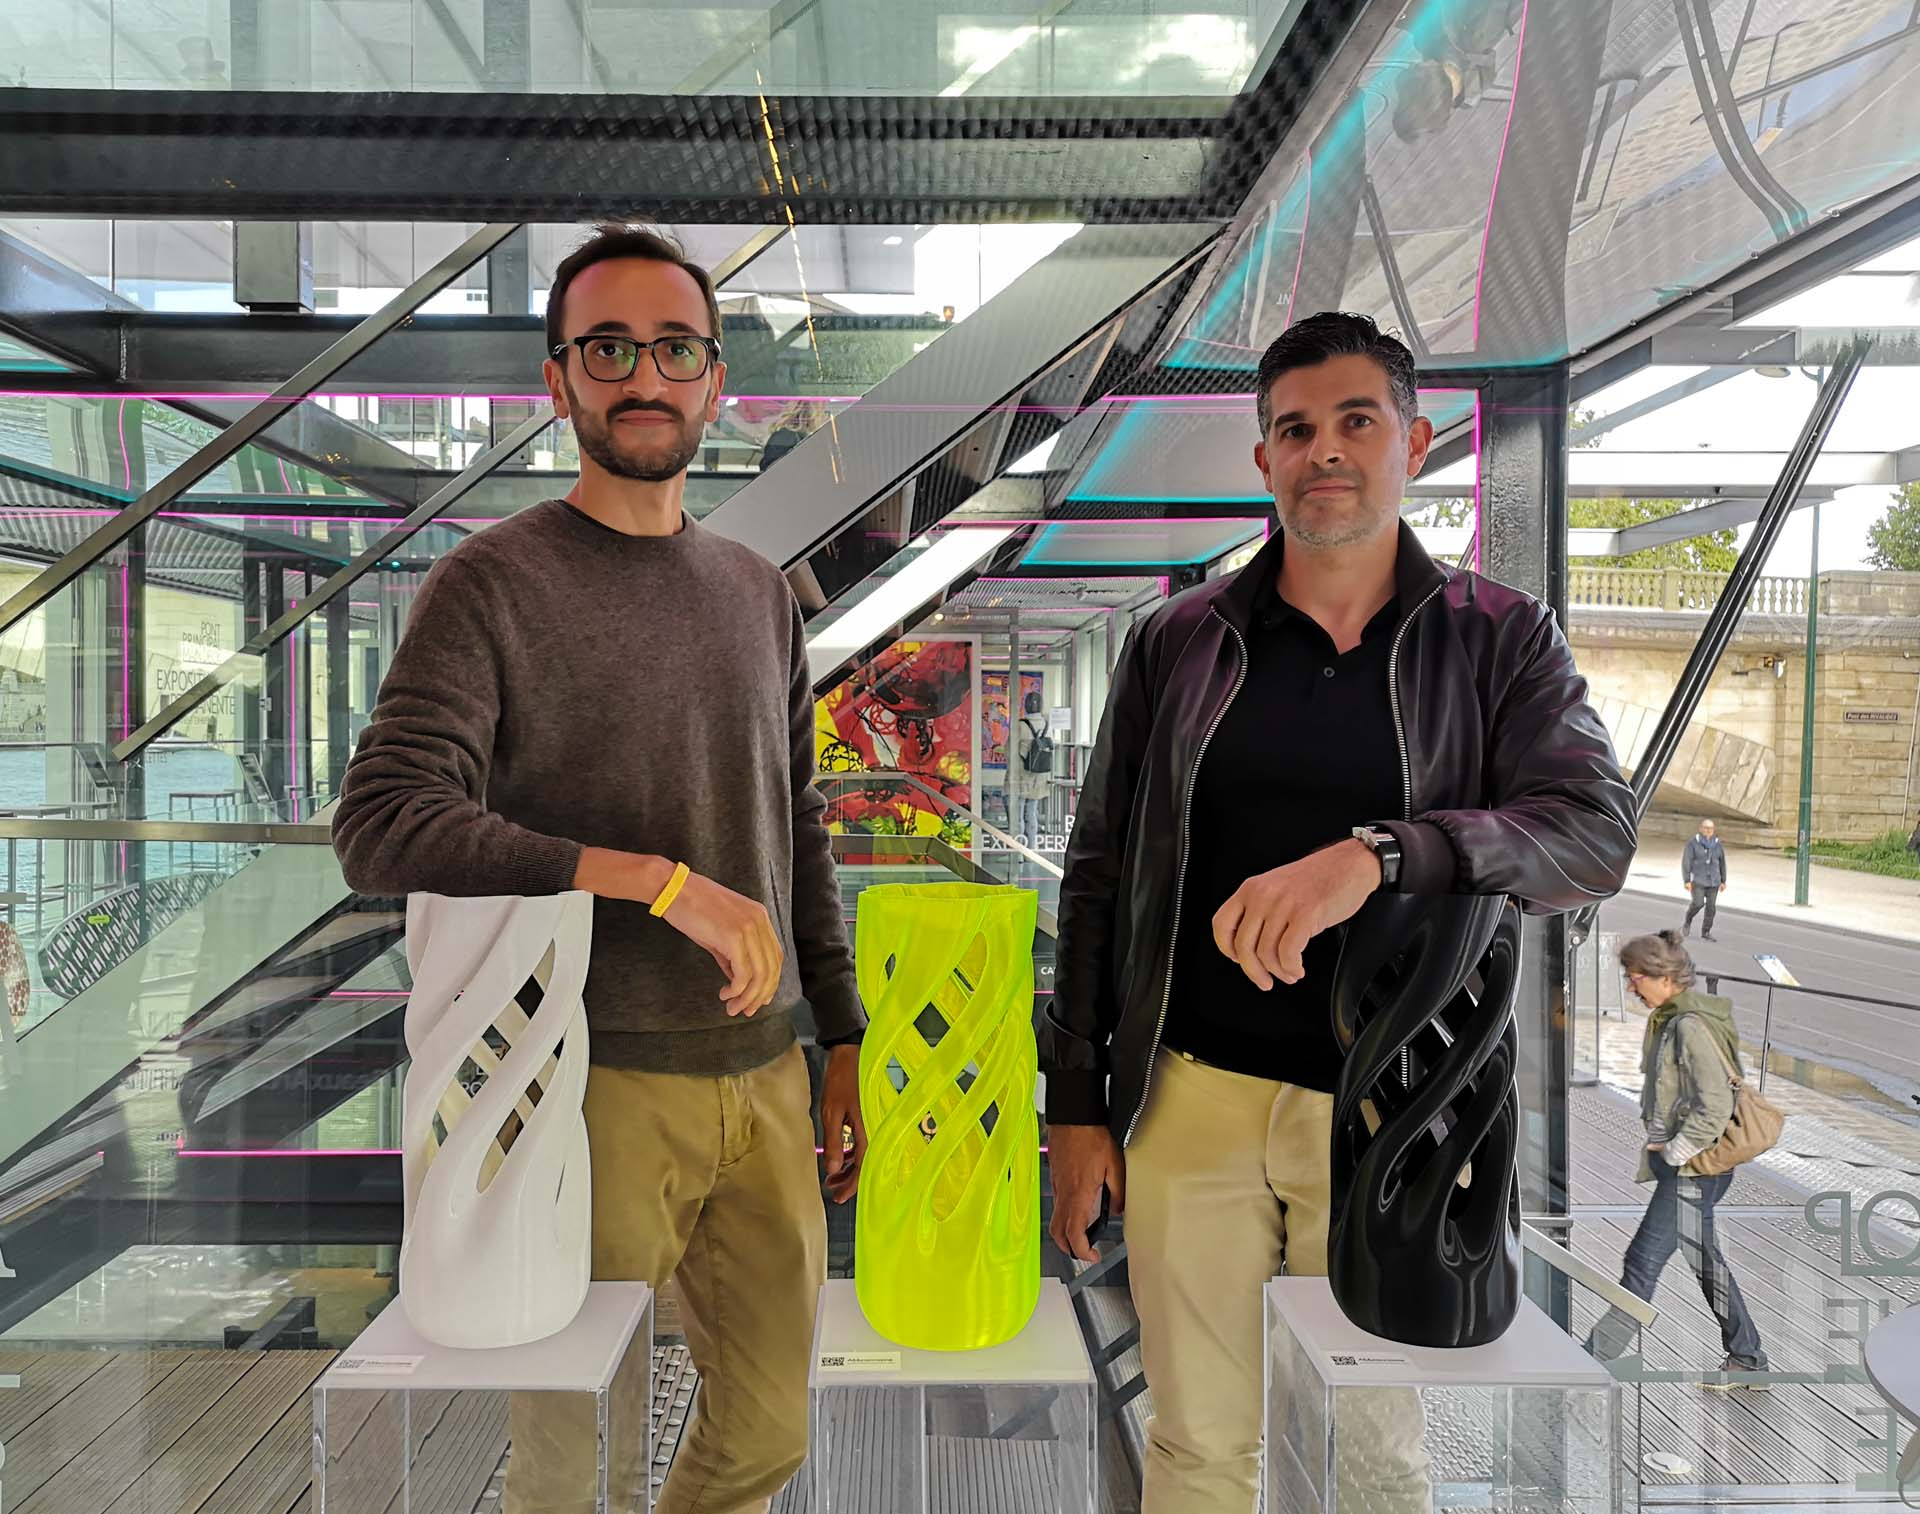 Adriano Alfaro & David Bitton, designers of Abbracciame